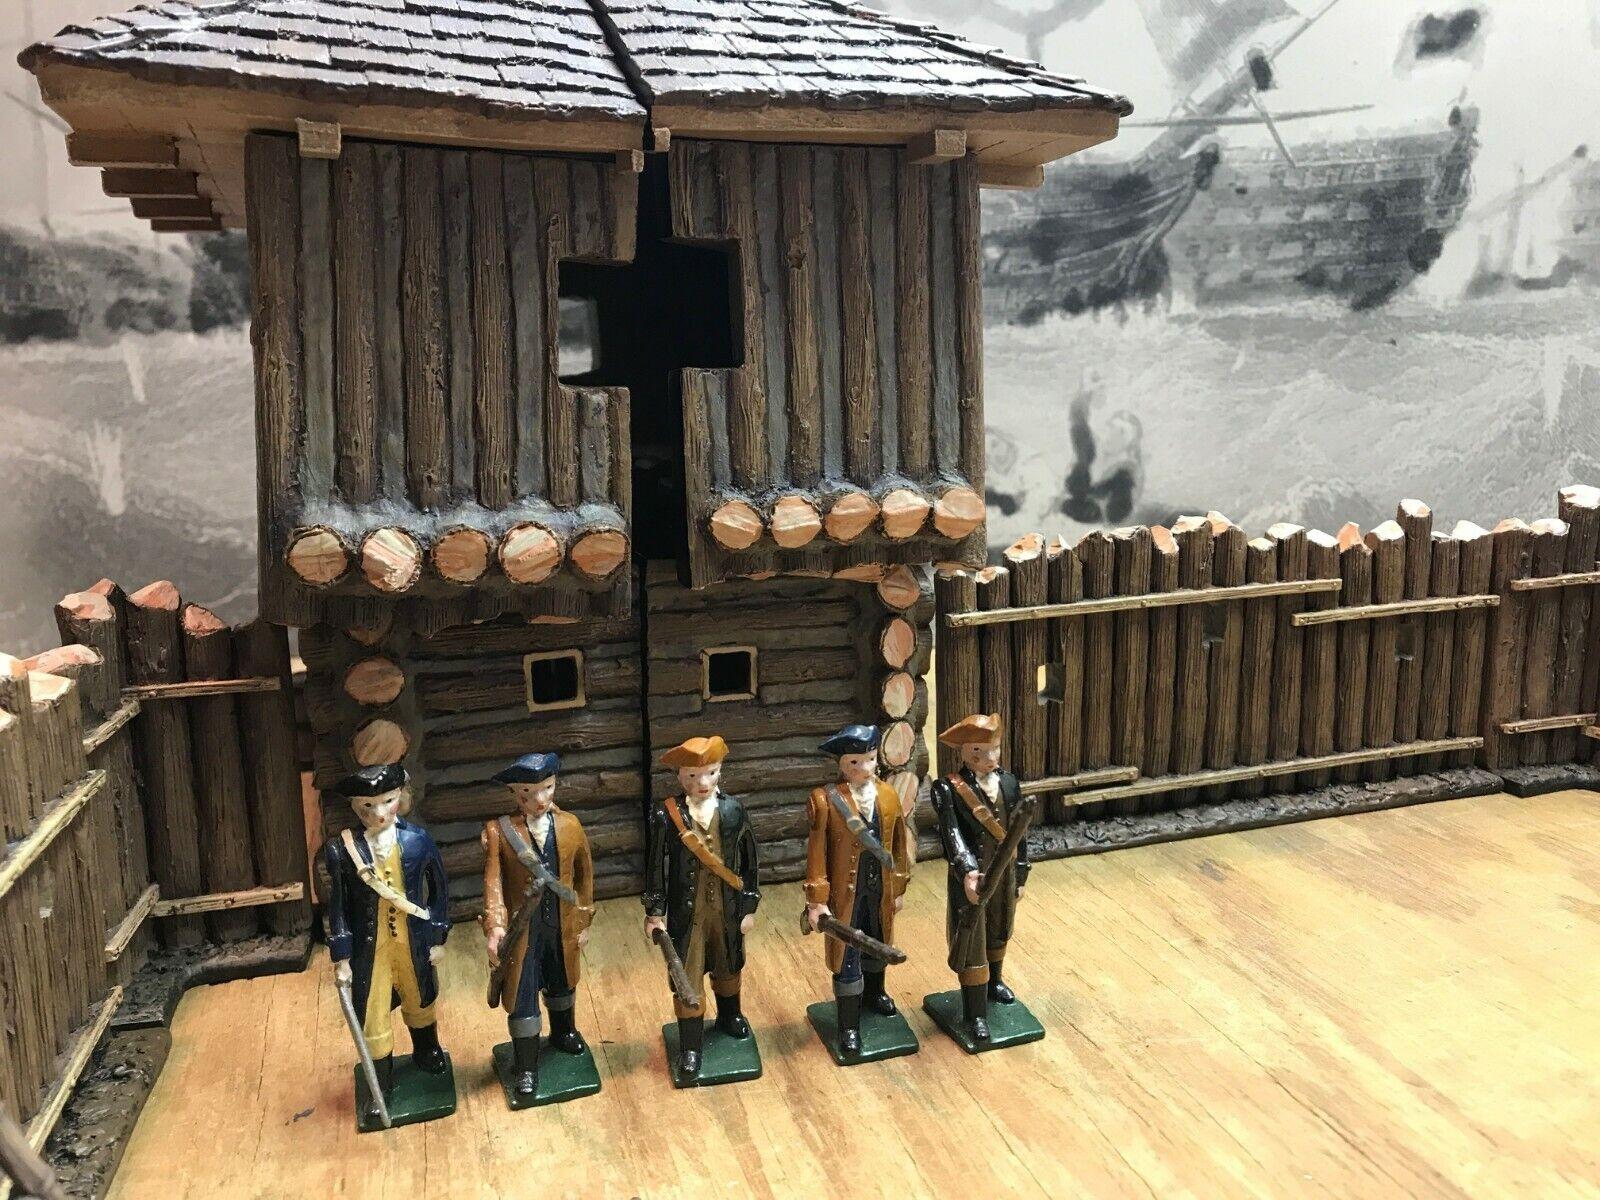 Marlbguldugh – Colonial Militia Försvarande Bunker Hill - Amerikansk revolution